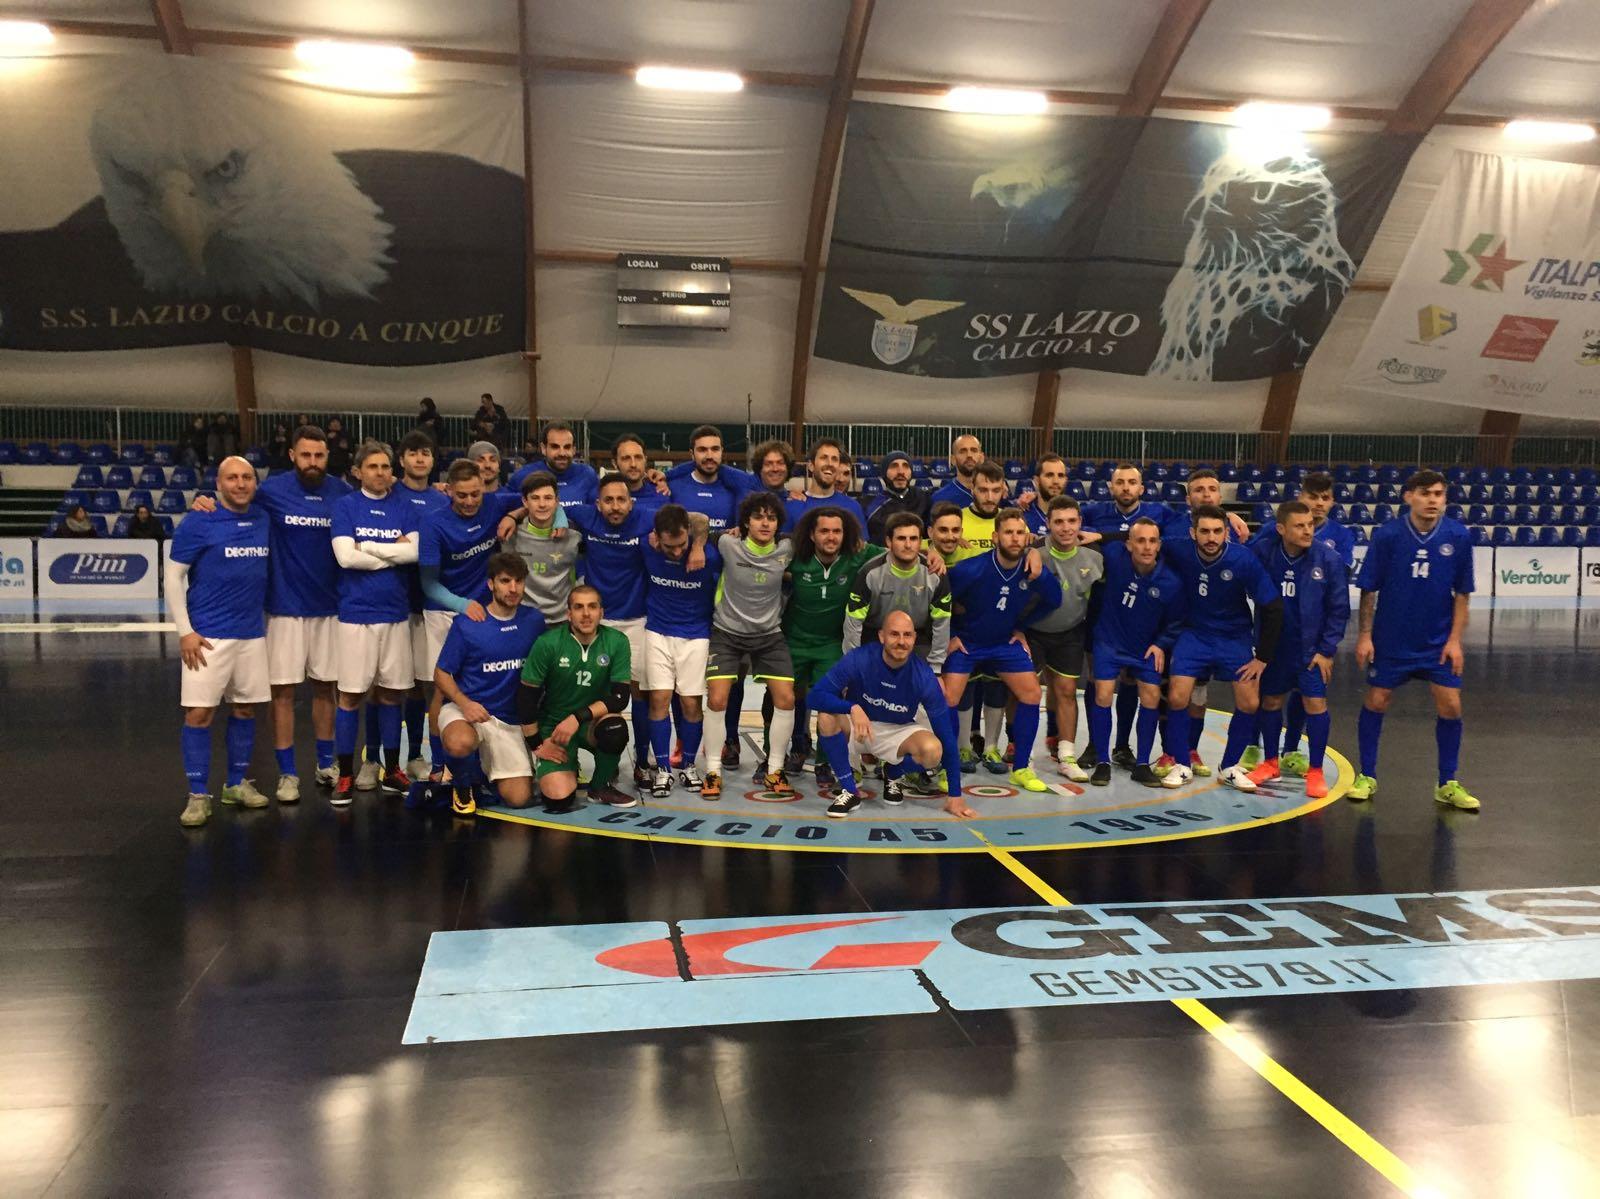 Triangolare Calcio A5 con la Nazionale FSSI, Lazio C5 U19 e rappresentativa della Decathlon